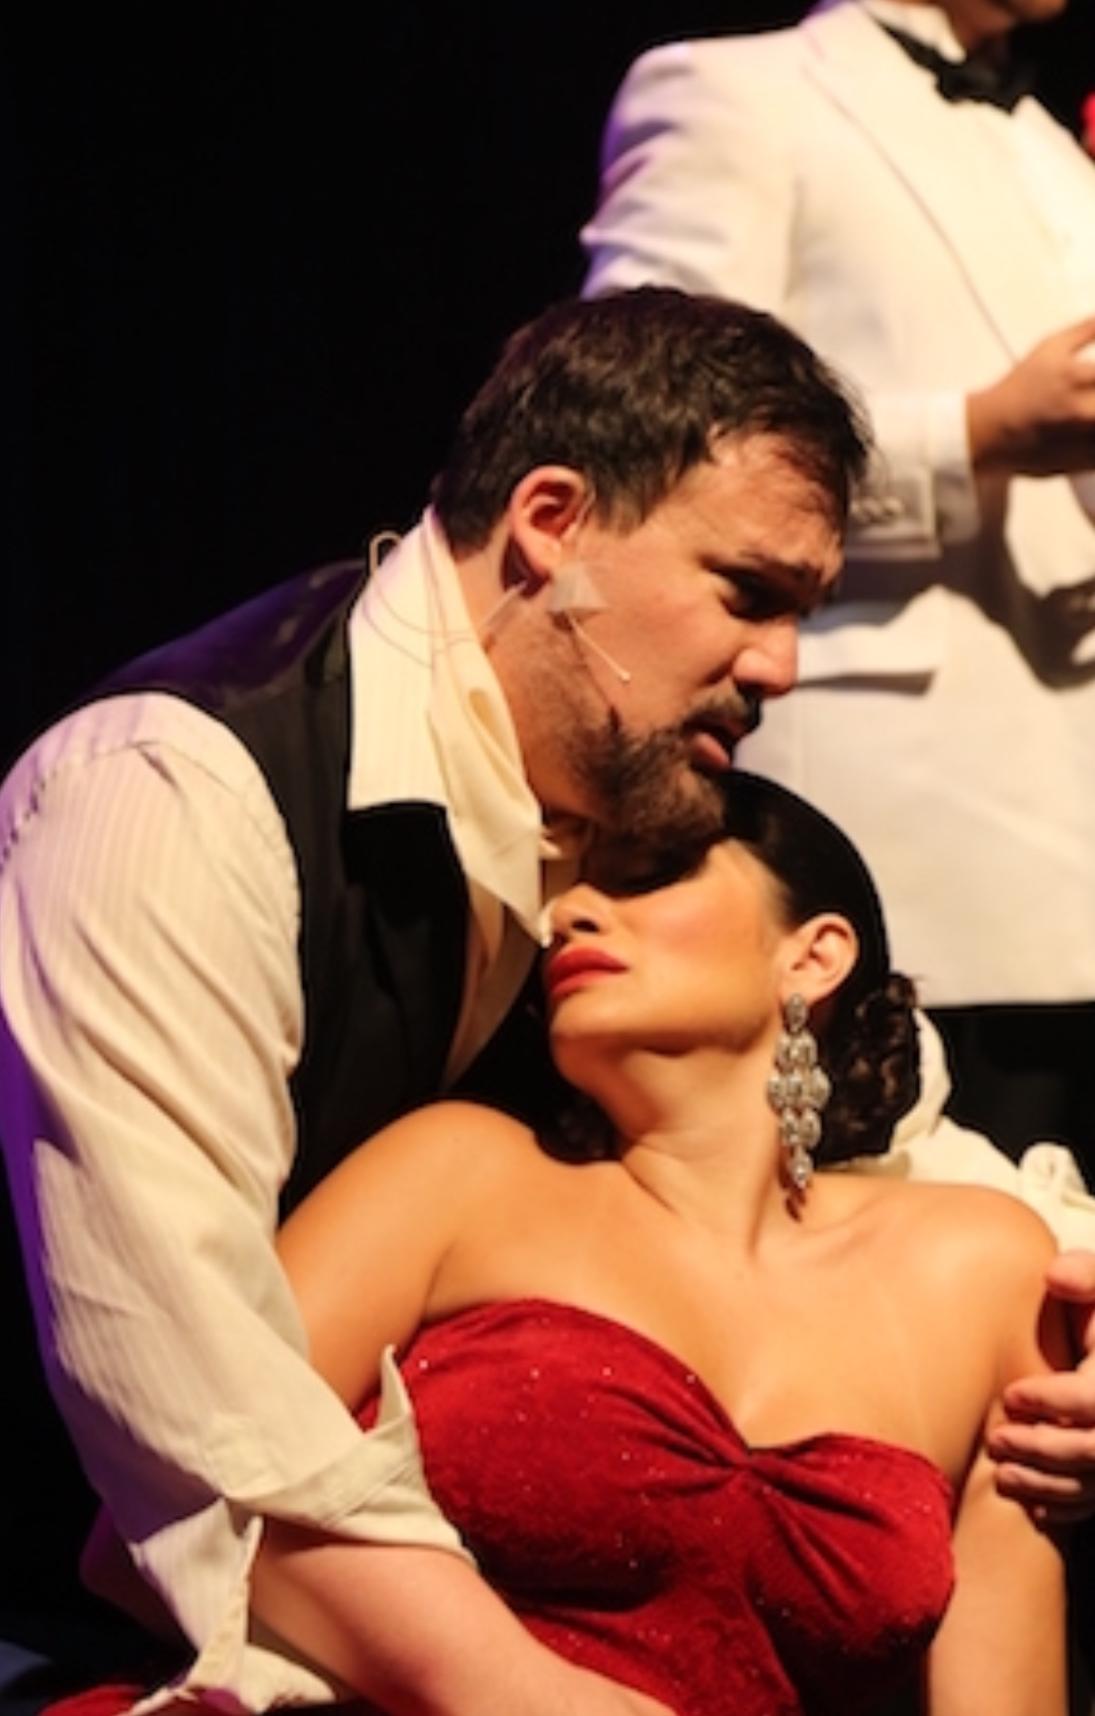 Performing as the Duende in María de Buenos Aires with soprano Catalina Cuervo